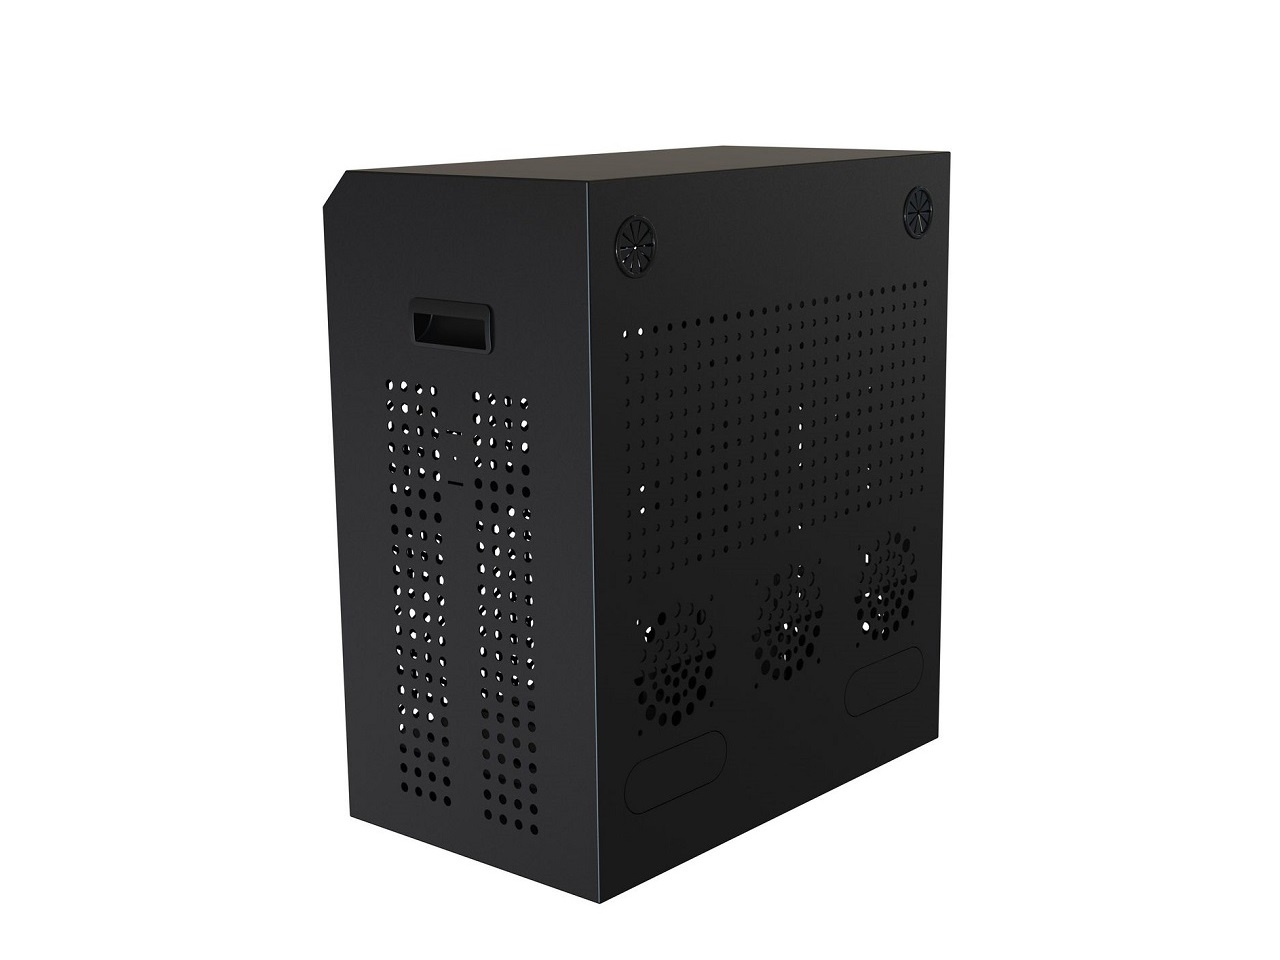 AV szekrény a VLFS60101 számára_VLFS60100CAB